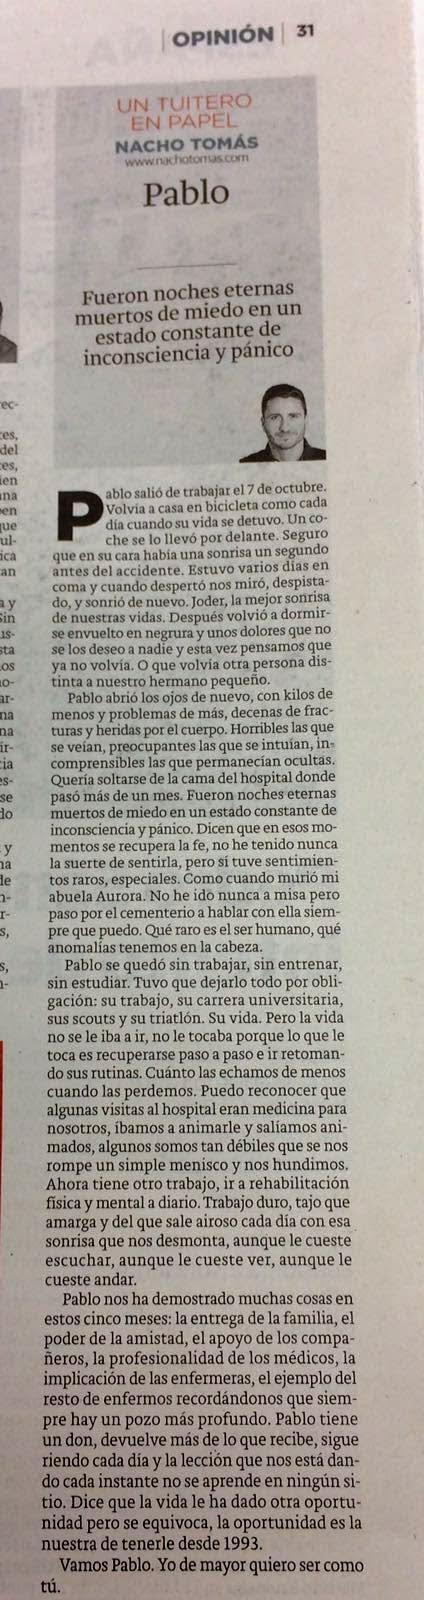 02.03.16 Pablo - Nacho Tomás - Un tuitero en papel - La Verdad de Murcia